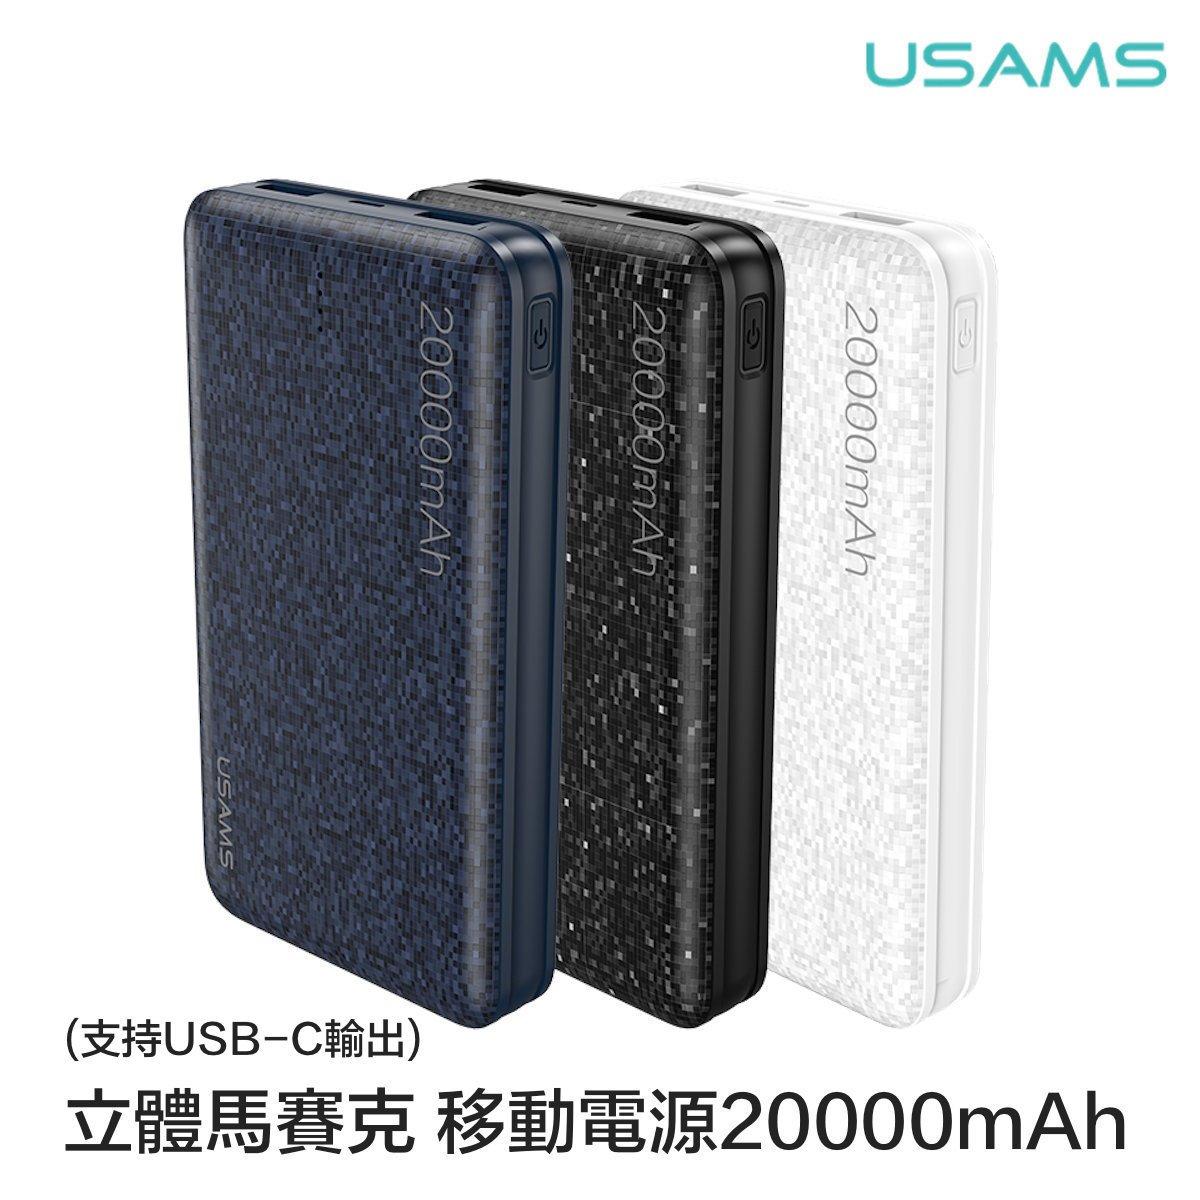 PowerBank USAMS US-CD32 20000mAh, white